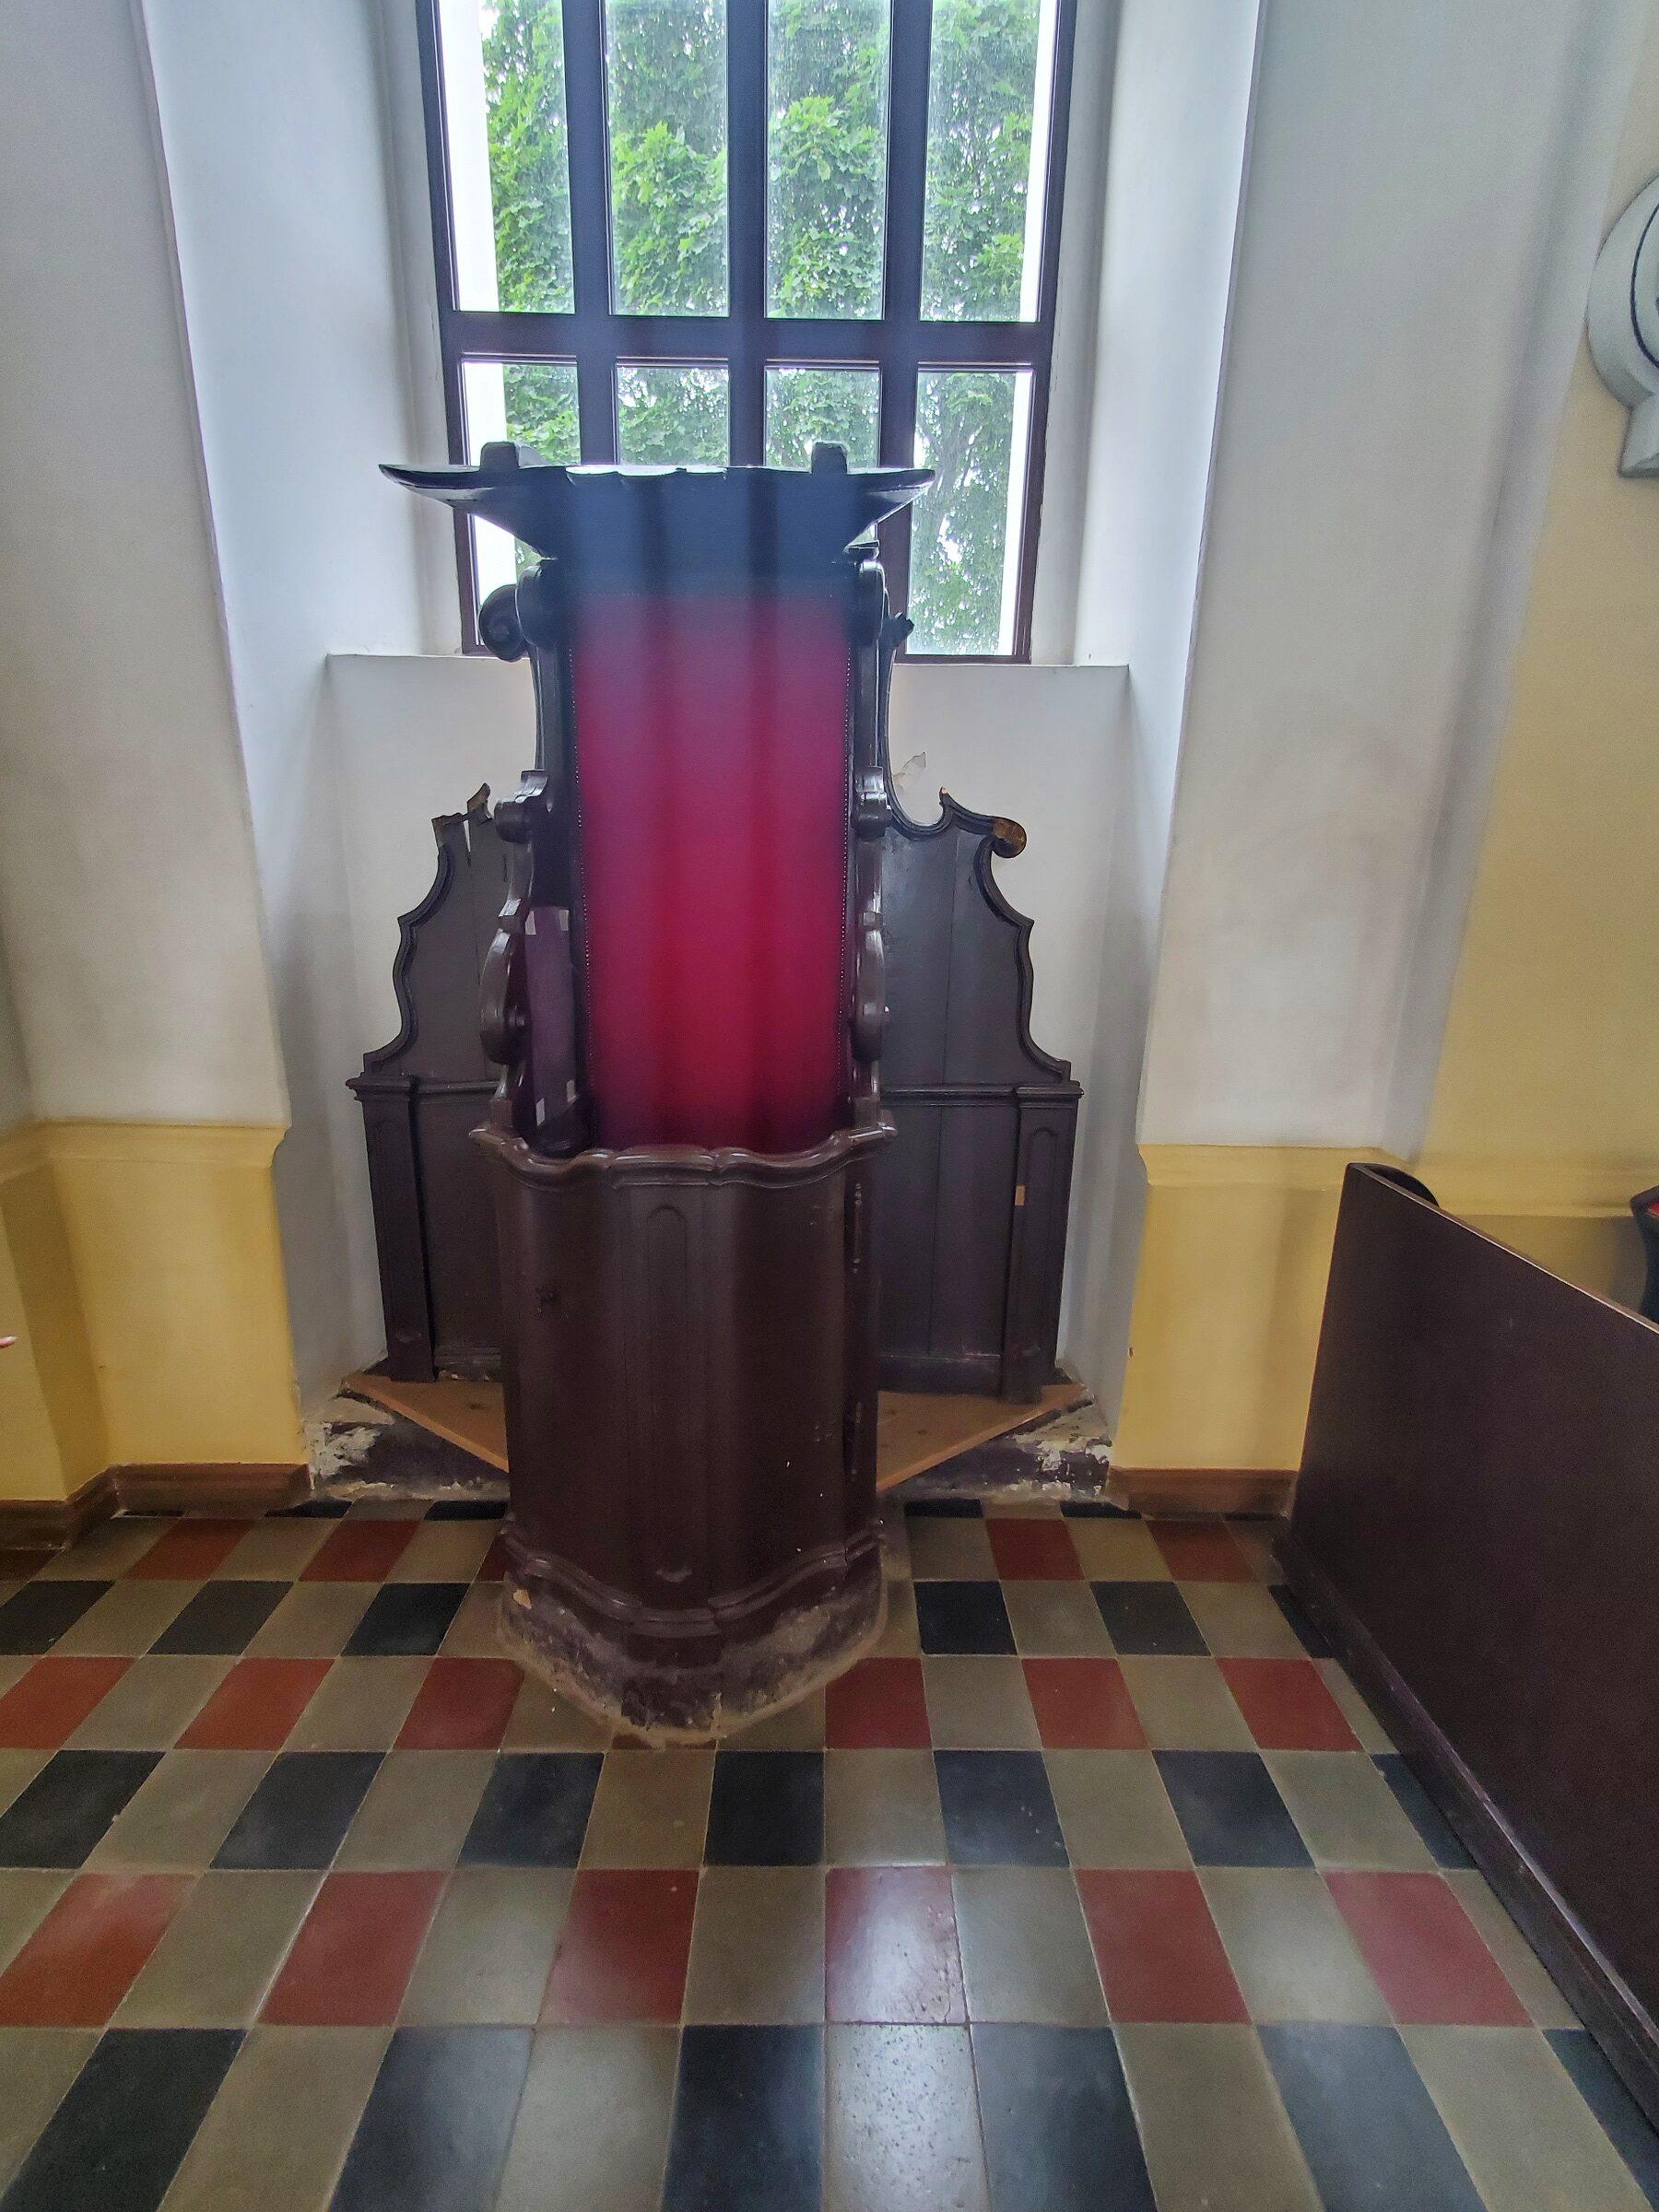 20200703 123625 rotated - Костел Святой Троицы в Глубоком